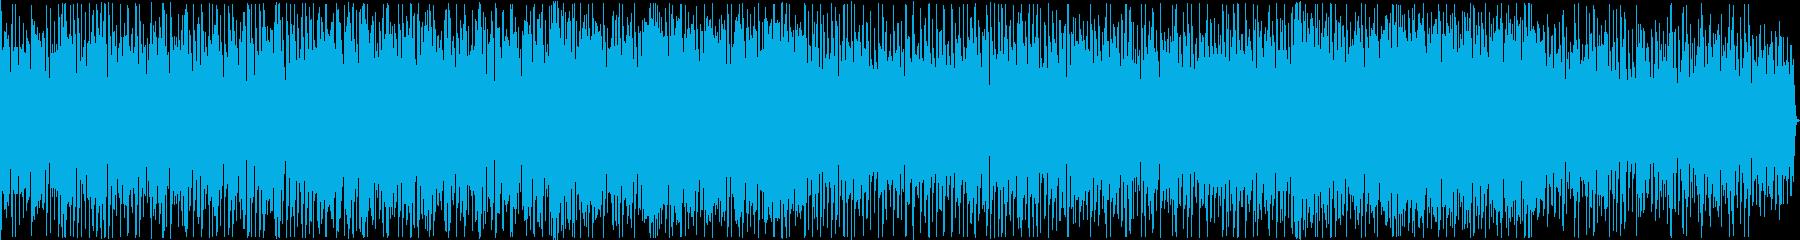 平凡な日常を思わせるポップスの再生済みの波形